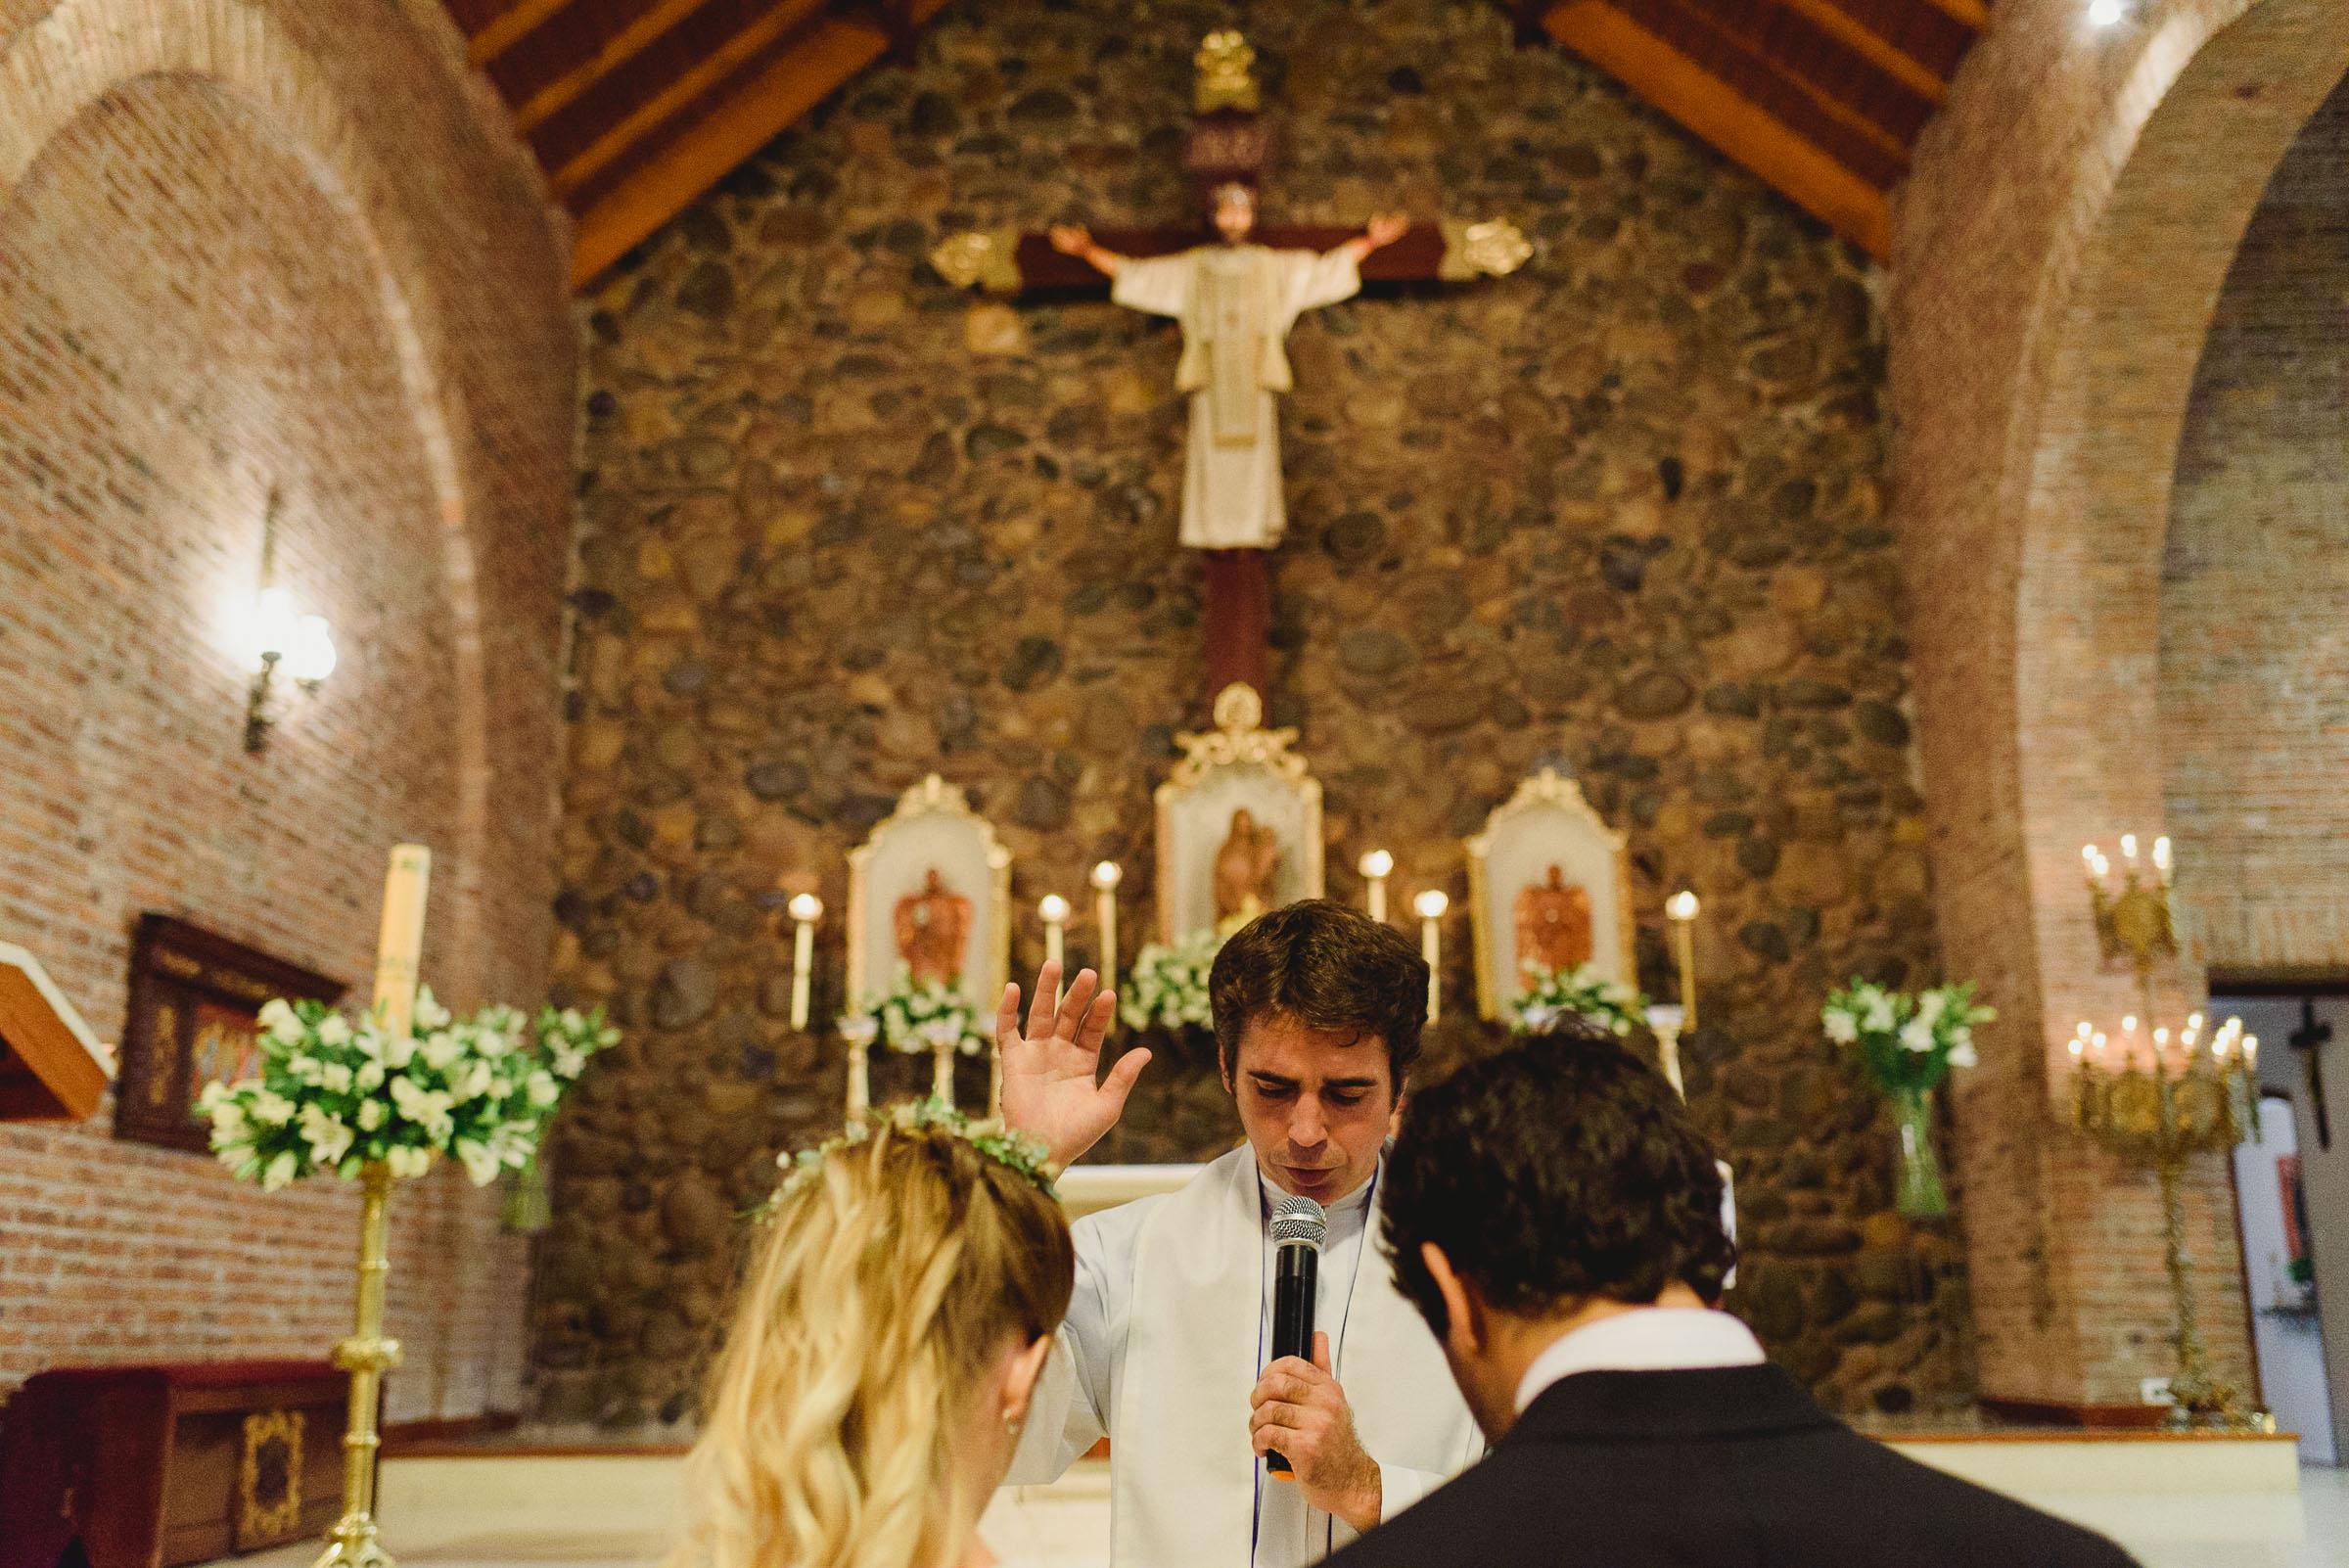 parroquia maria madre de la iglesia25.JPG